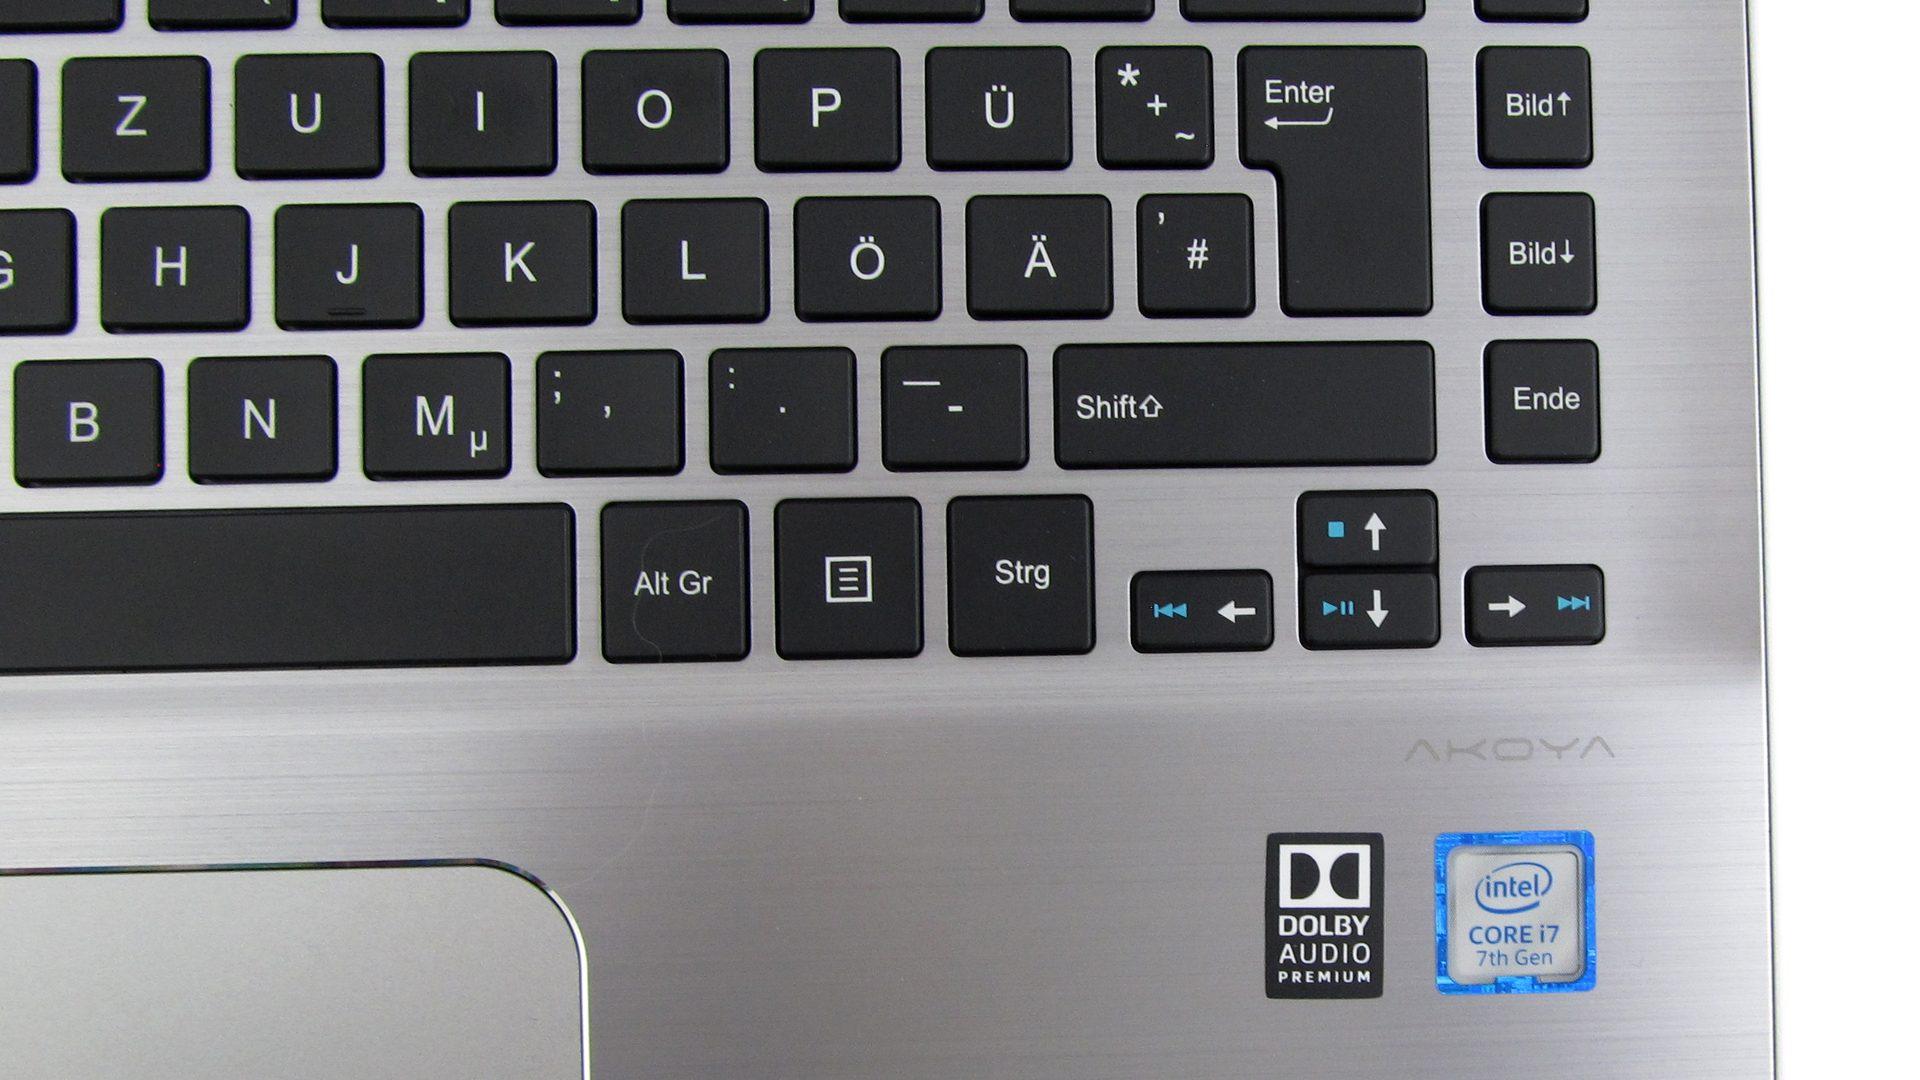 medion-akoya-s3409-md60234-tastatur_3